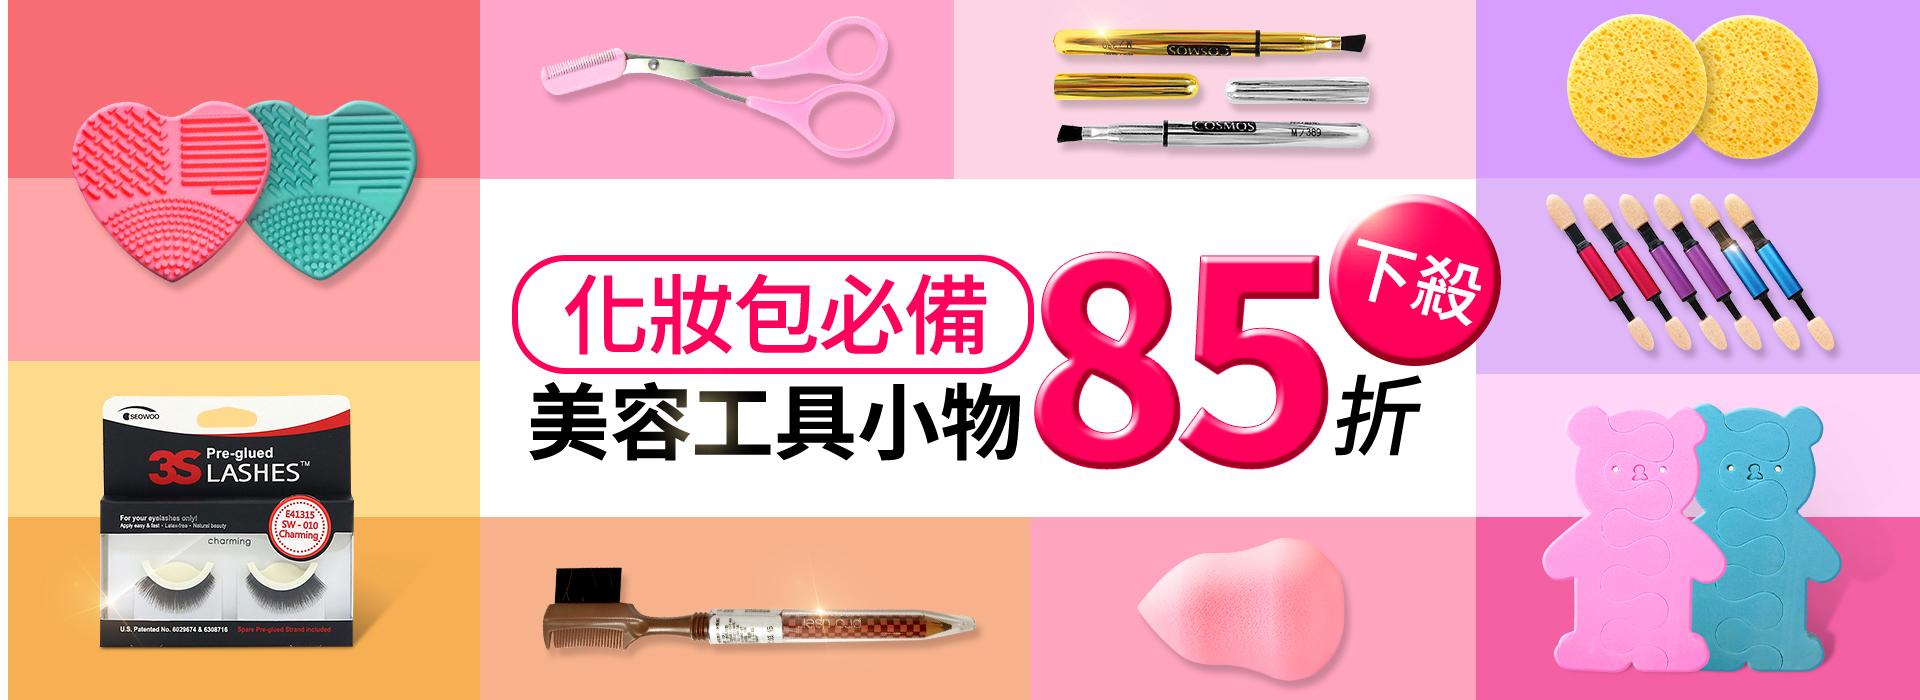 化妝包必備-美容工具小物85折